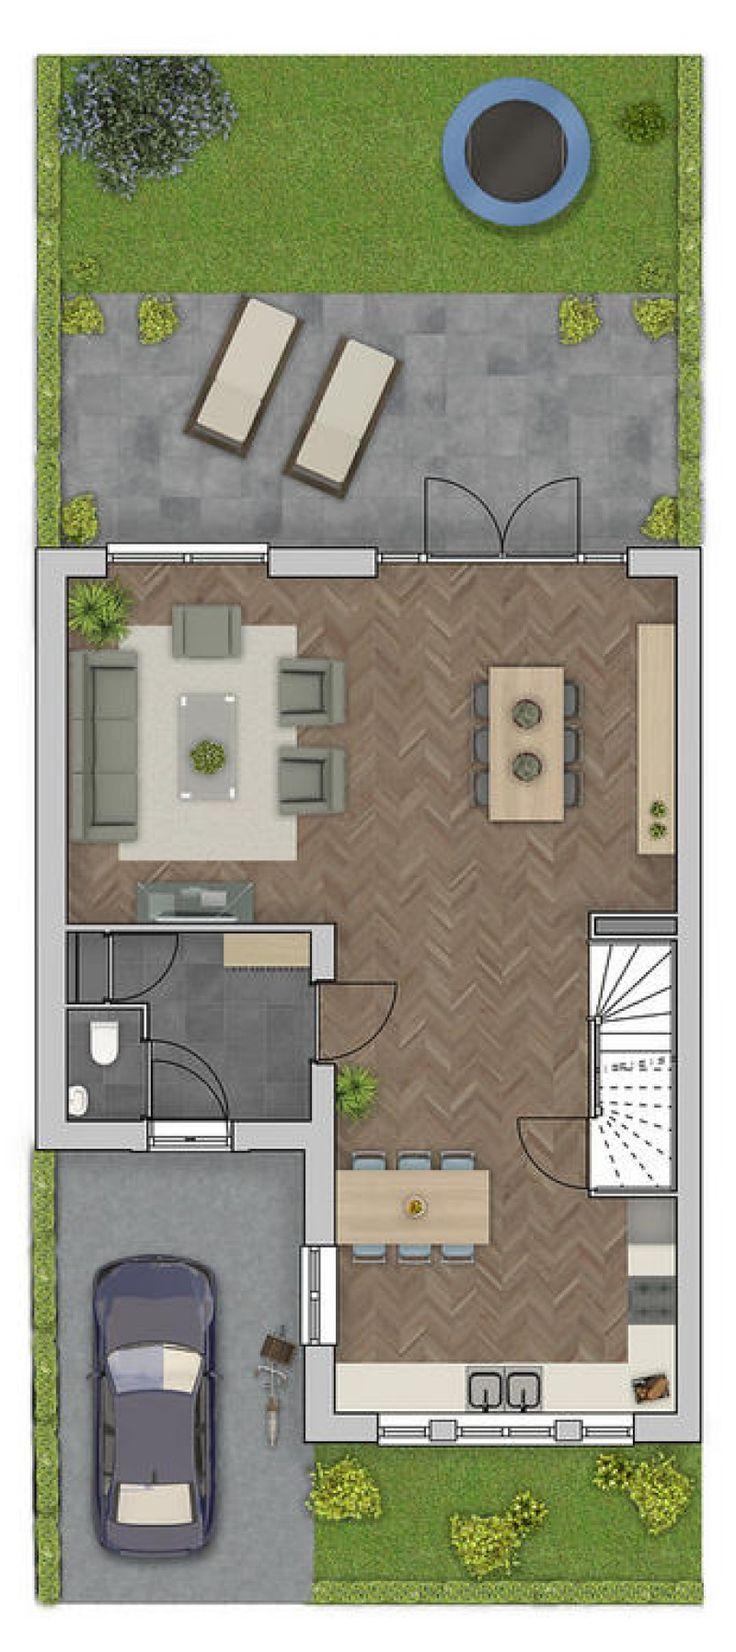 Mooie plattegrond met zithoek aan de achterzijde van het huis en openslaande deuren bij de 'bezoektafel'. In die hoek staat een mooi bureau ook goed. Bankhoek wel iets breder maken.   Keuken is hier bijzaak. Mooi dat de wasbak voor het raam zit, voor het landelijke gevoel.   Voordeel: auto krijgt zo ook een logische plek als je de garage pas later wilt bouwen.  Leuk om dak van slaapkamer (boven voordeur) gewoon open te laten, zodat je een zolderkamergevoel krijgt.  Hoort bij dewaalsprong.nl